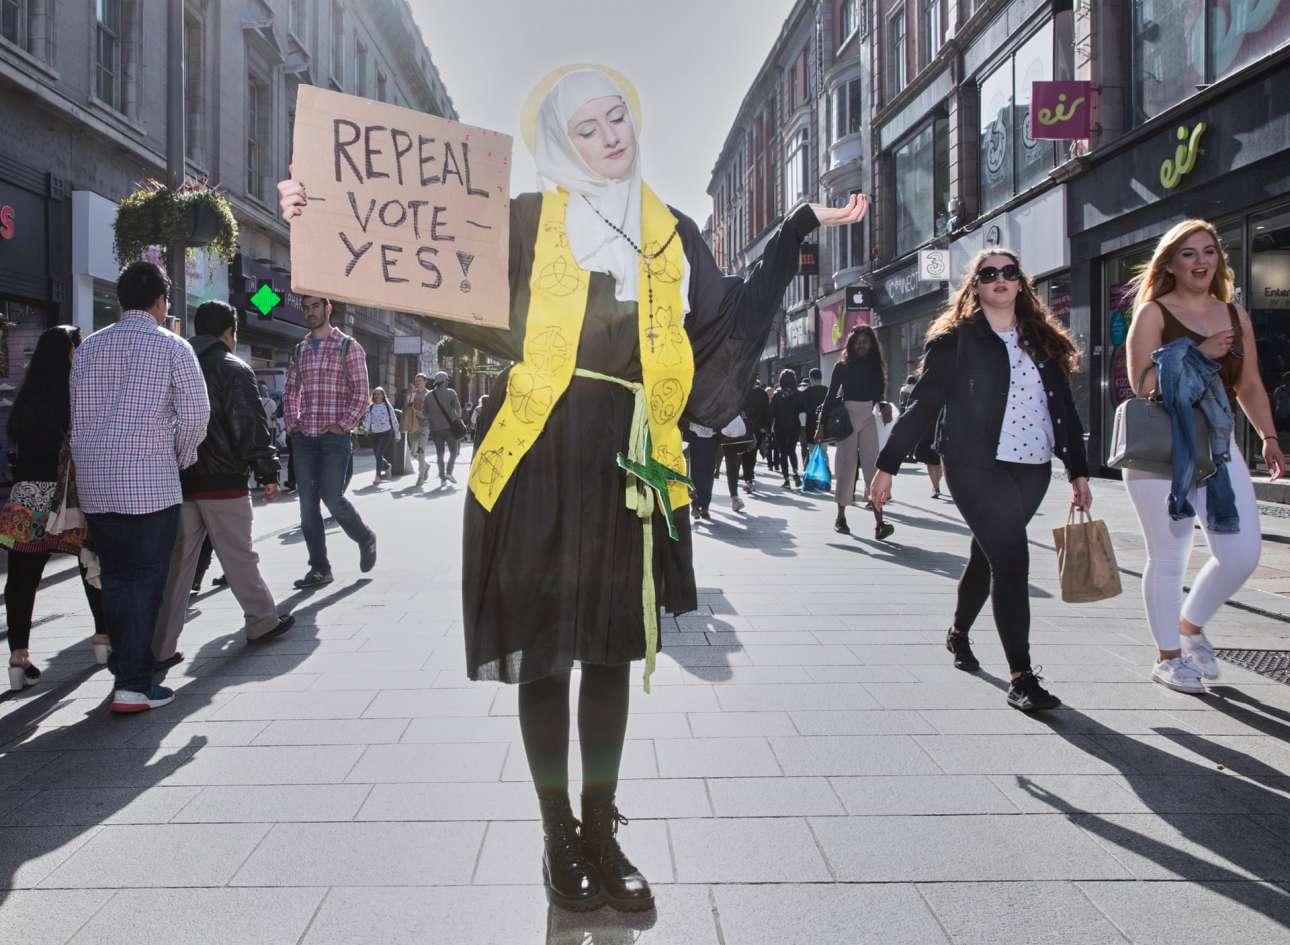 Η Μεγκαν Σκοτ ντυμένη ως Αγία Μπρίτζετ, η προστάτιδα των Ιρλανδών, μάχεται υπέρ της αλλαγής του αυστηρού νόμου για την απαγόρευση των εκτρώσεων ακόμα και έπειτα από βιασμό, σε κεντρικό δρόμο του Δουβλίνου. Ο νόμος ανατράπηκε με πλειοψηφία δύο τρίτων στο δημοψήφισμα του Μαΐου